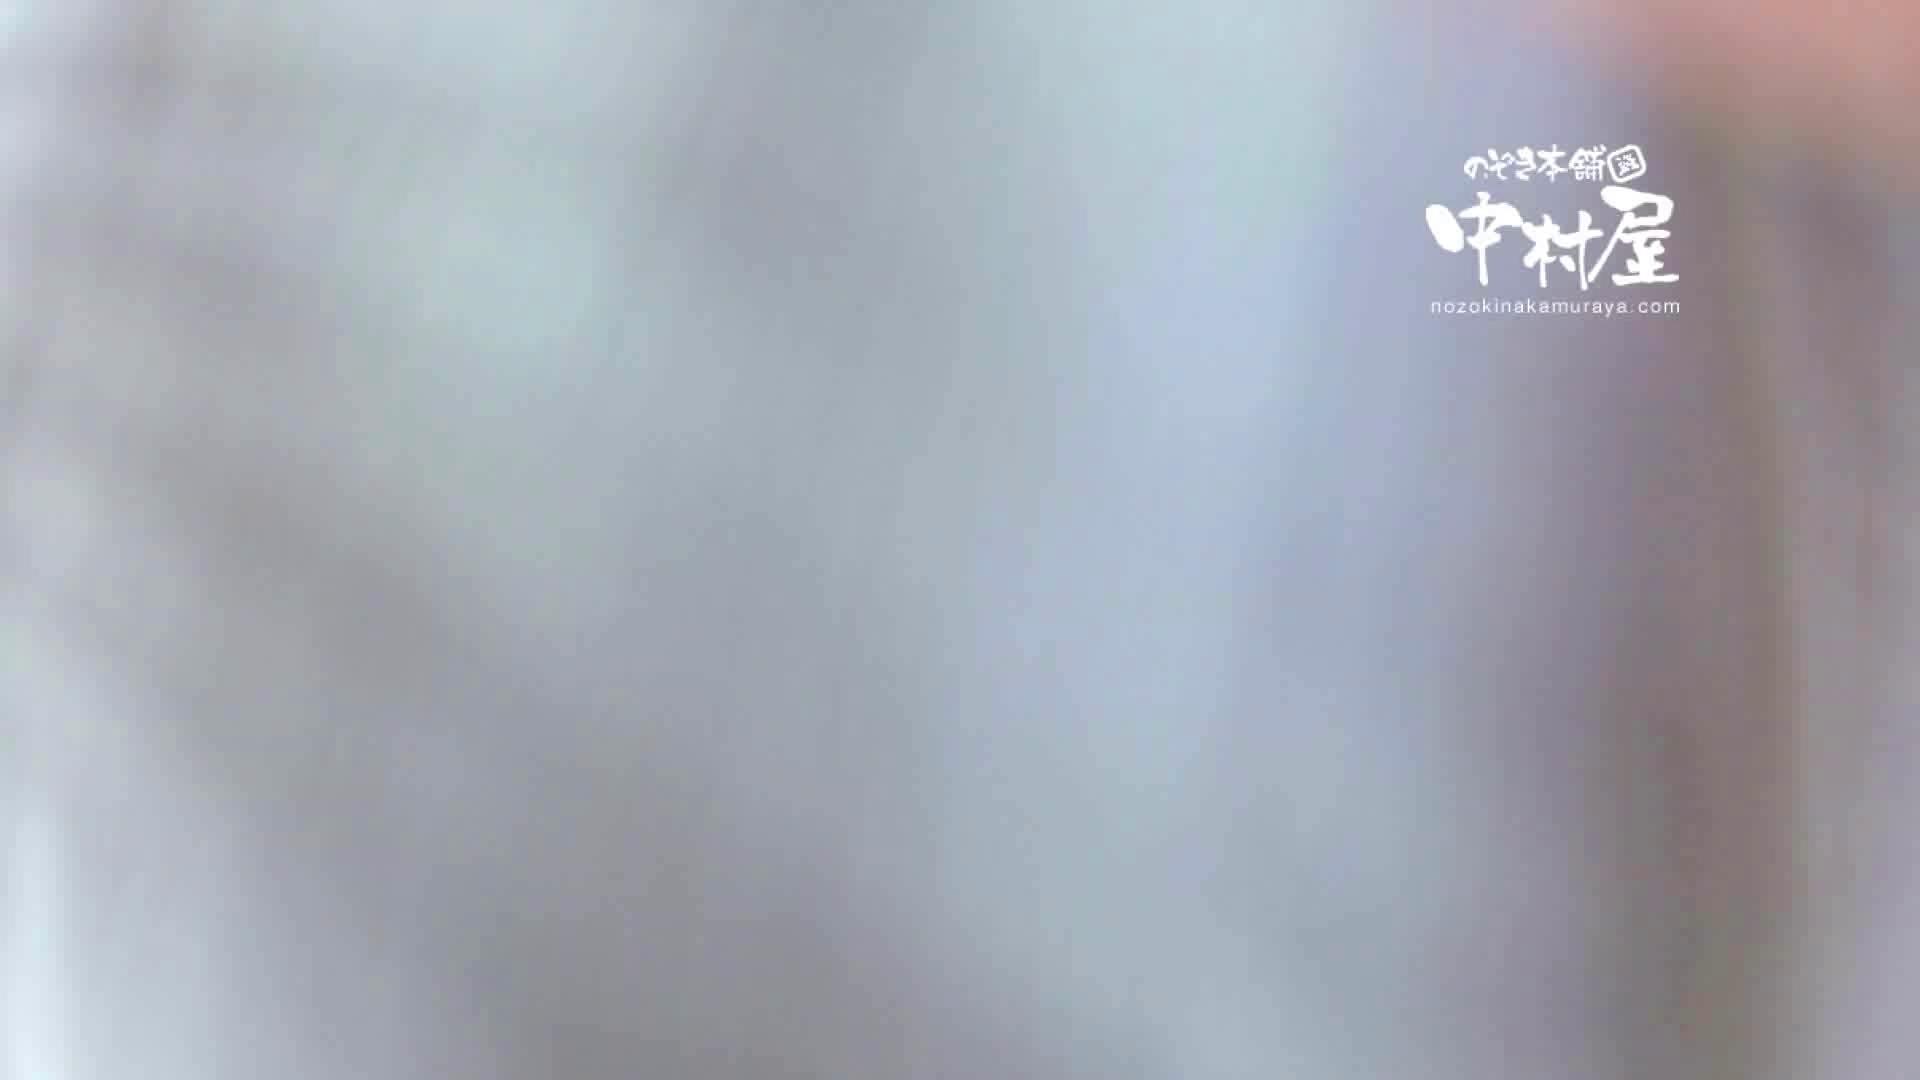 鬼畜 vol.18 居酒屋バイト時代の同僚に中出ししてみる 前編 OLエロ画像 のぞき濡れ場動画紹介 73PICs 2